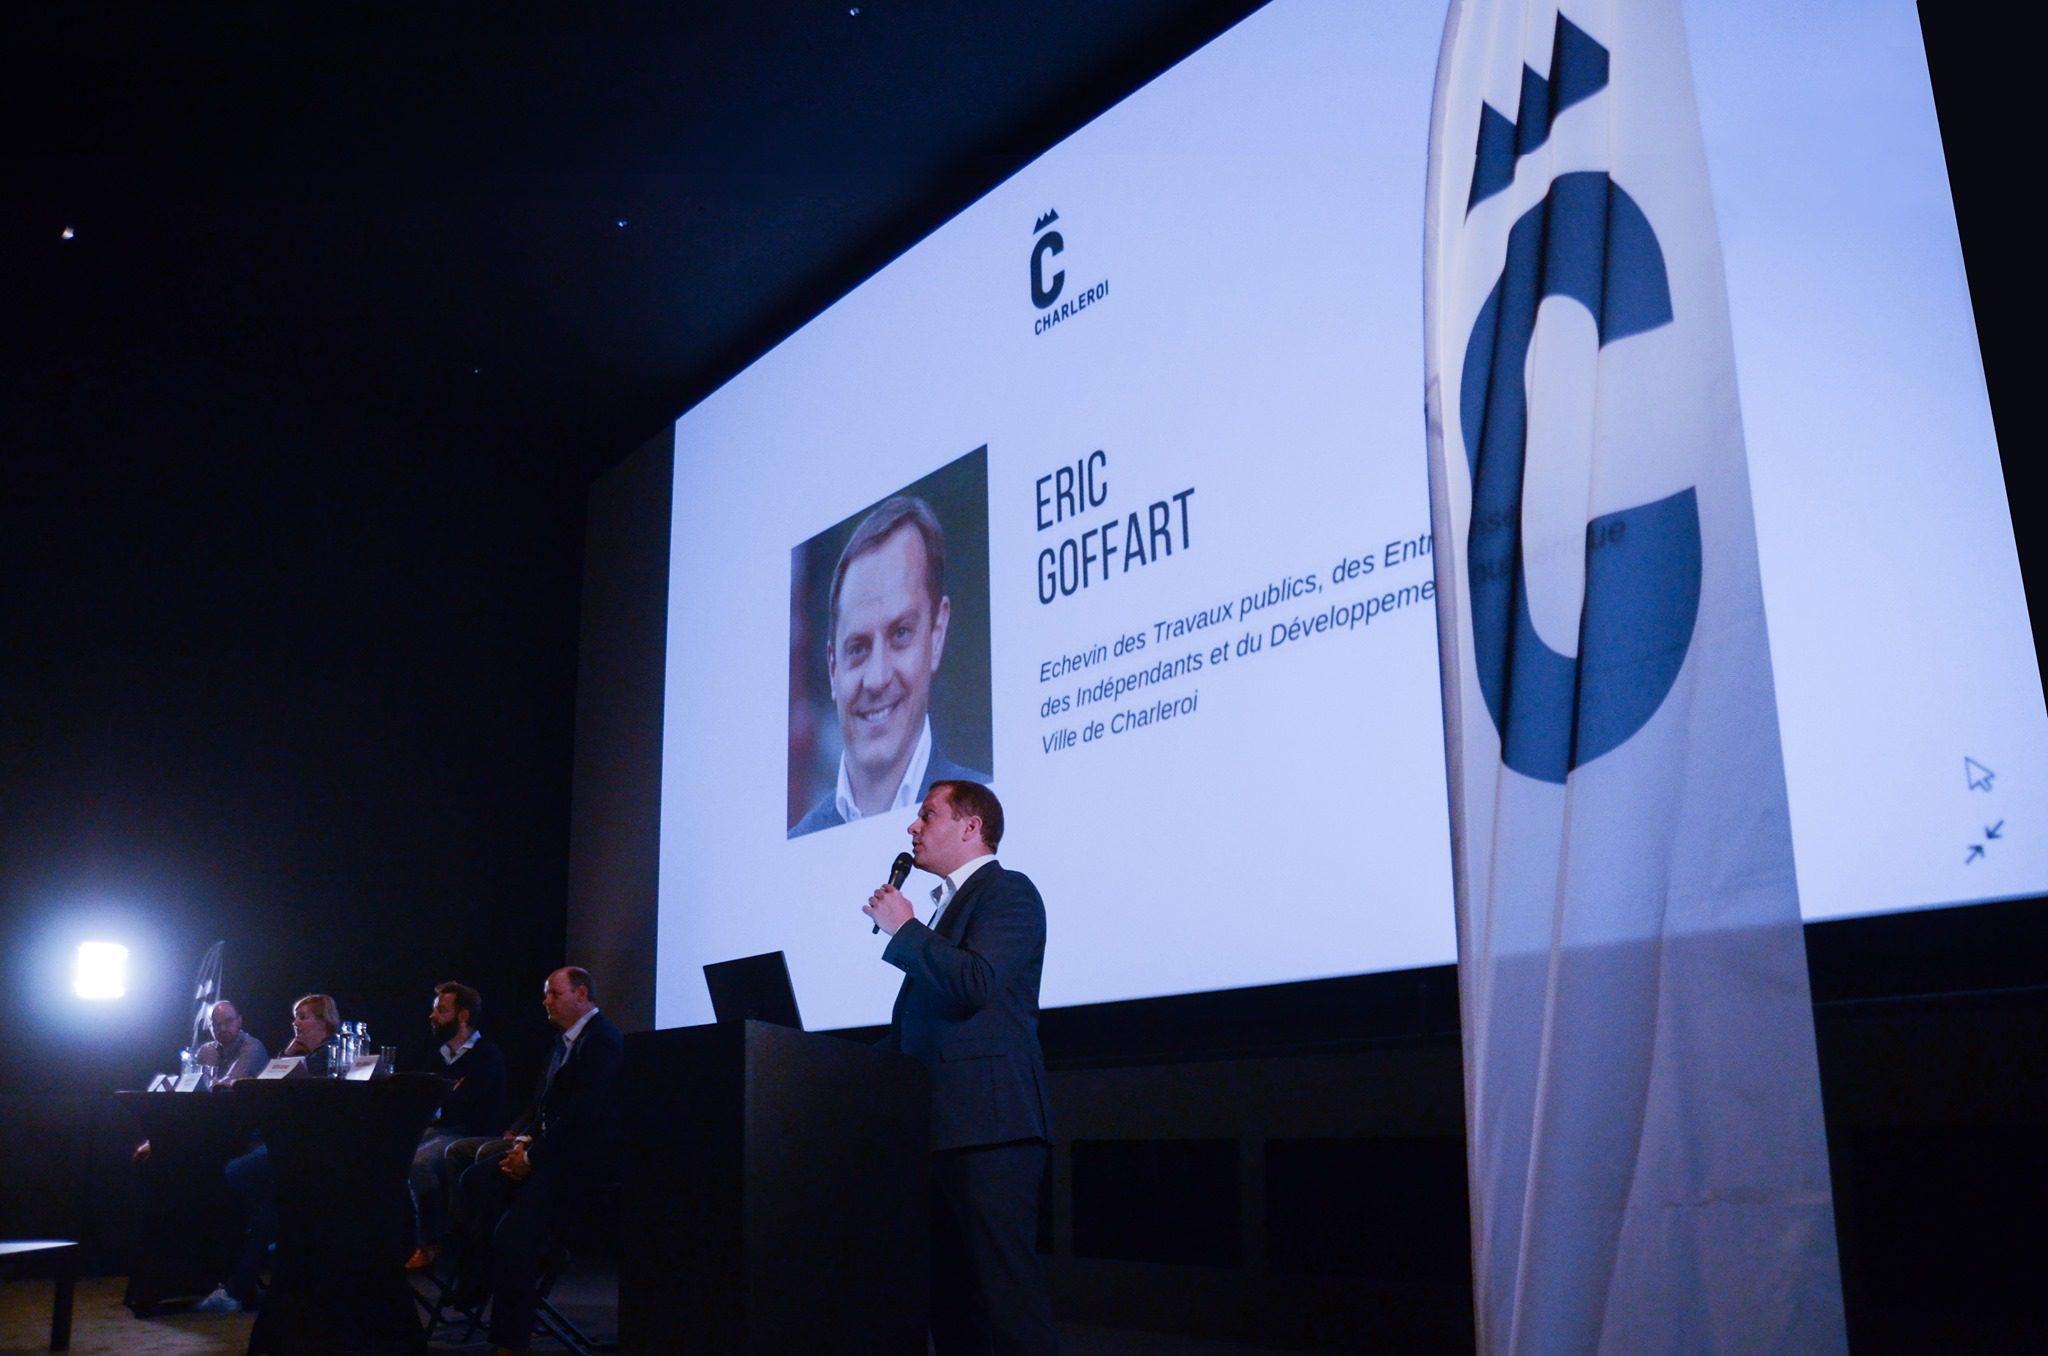 Eric Goffart - états généraux de la ville de Charleroi